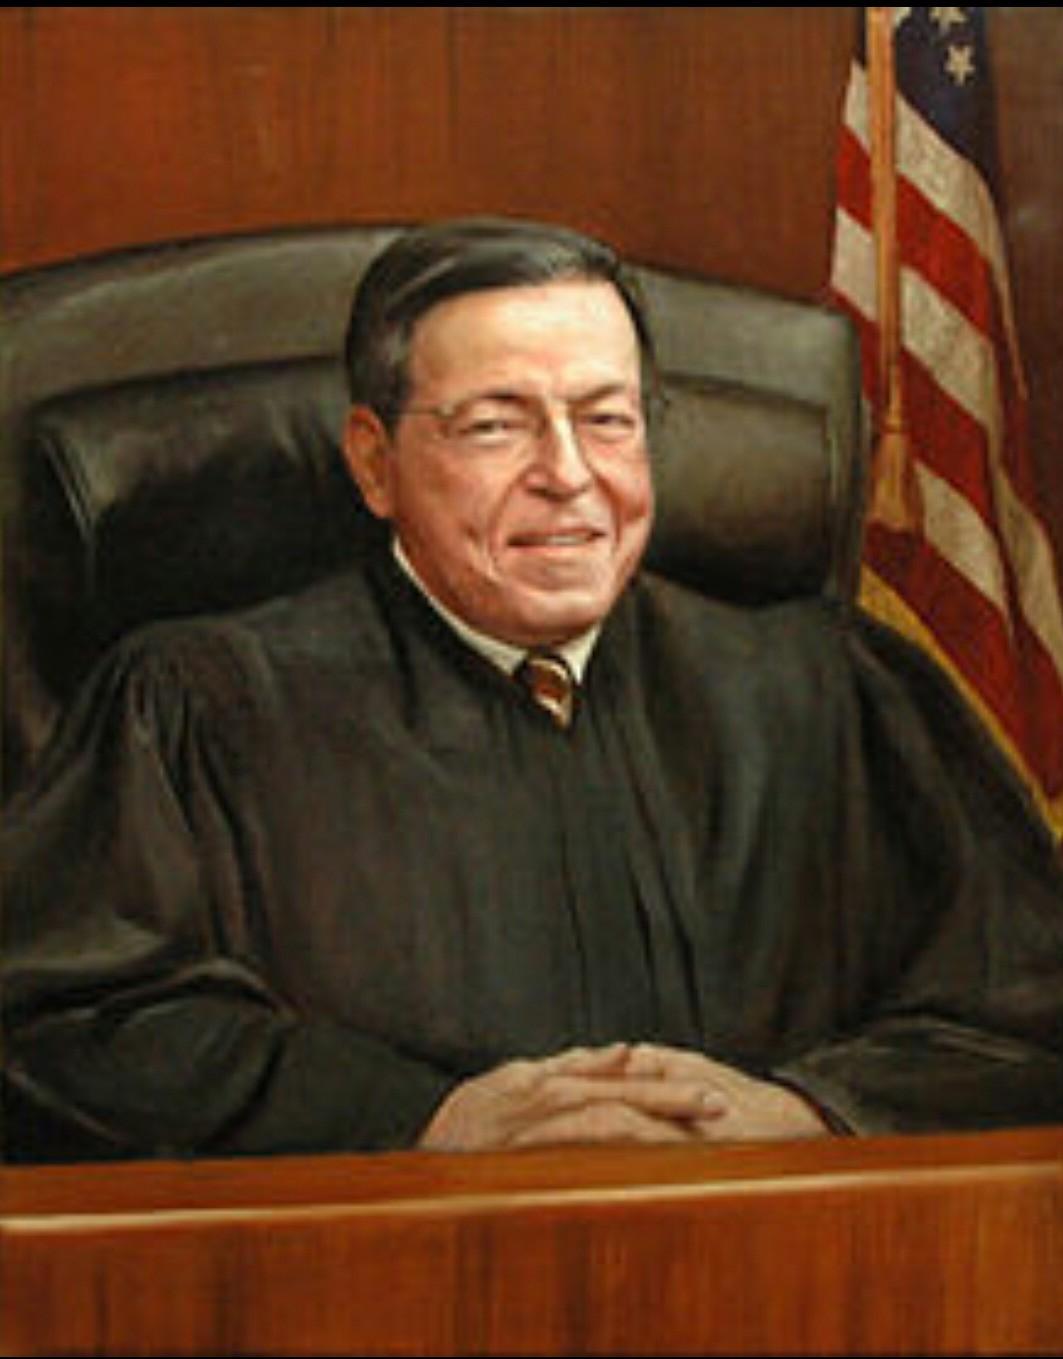 """""""EL JUEZ MÁS REVOCADO EN EL CIRCUITO DE BOSTON POR SUS OPINIONES DESARTICULADAS Y SIN FUNDAMENTO"""" """"De hecho, tengo que decirlo, el juez más revocado en el primer circuito (de Apelaciones) es el juez que tomó la decisión aquí a nivel federal"""", sostuvo la Lcda. Ada Conde. """"Definitivamente tengo que decirte que la decisión nadie la entiende. Primero porque todos los abogados que la han leído han dicho que hay que ir a la universidad otra vez para estudiar leyes porque no entienden cómo fue que se hizo esa decisión. El Tribunal está basándose en un caso de 1972 que ya no se utiliza porque ya eso no es la jurisprudencia normativa. Él (el juez) simplemente está diciendo que el Estados Libre Asociado es el que tiene que cambiar la ley y es el que tiene que aprobar lo del matrimonio, que tiene que hacerlo la Legislatura y compara de una manera que nos hemos quedado tan absortos en la decisión, comparando el matrimonio homosexual con el incesto"""", dijo Conde en relación al dictamen judicial. SE VERA EL CASO EN EL """"CIRCUITO DE BOSTON"""" Y ES PREDECIBLE LA DESESTIMACIÓN DE LA REPUGNANTE E IGNORANTE OPINIÓN DEL JUEZ."""